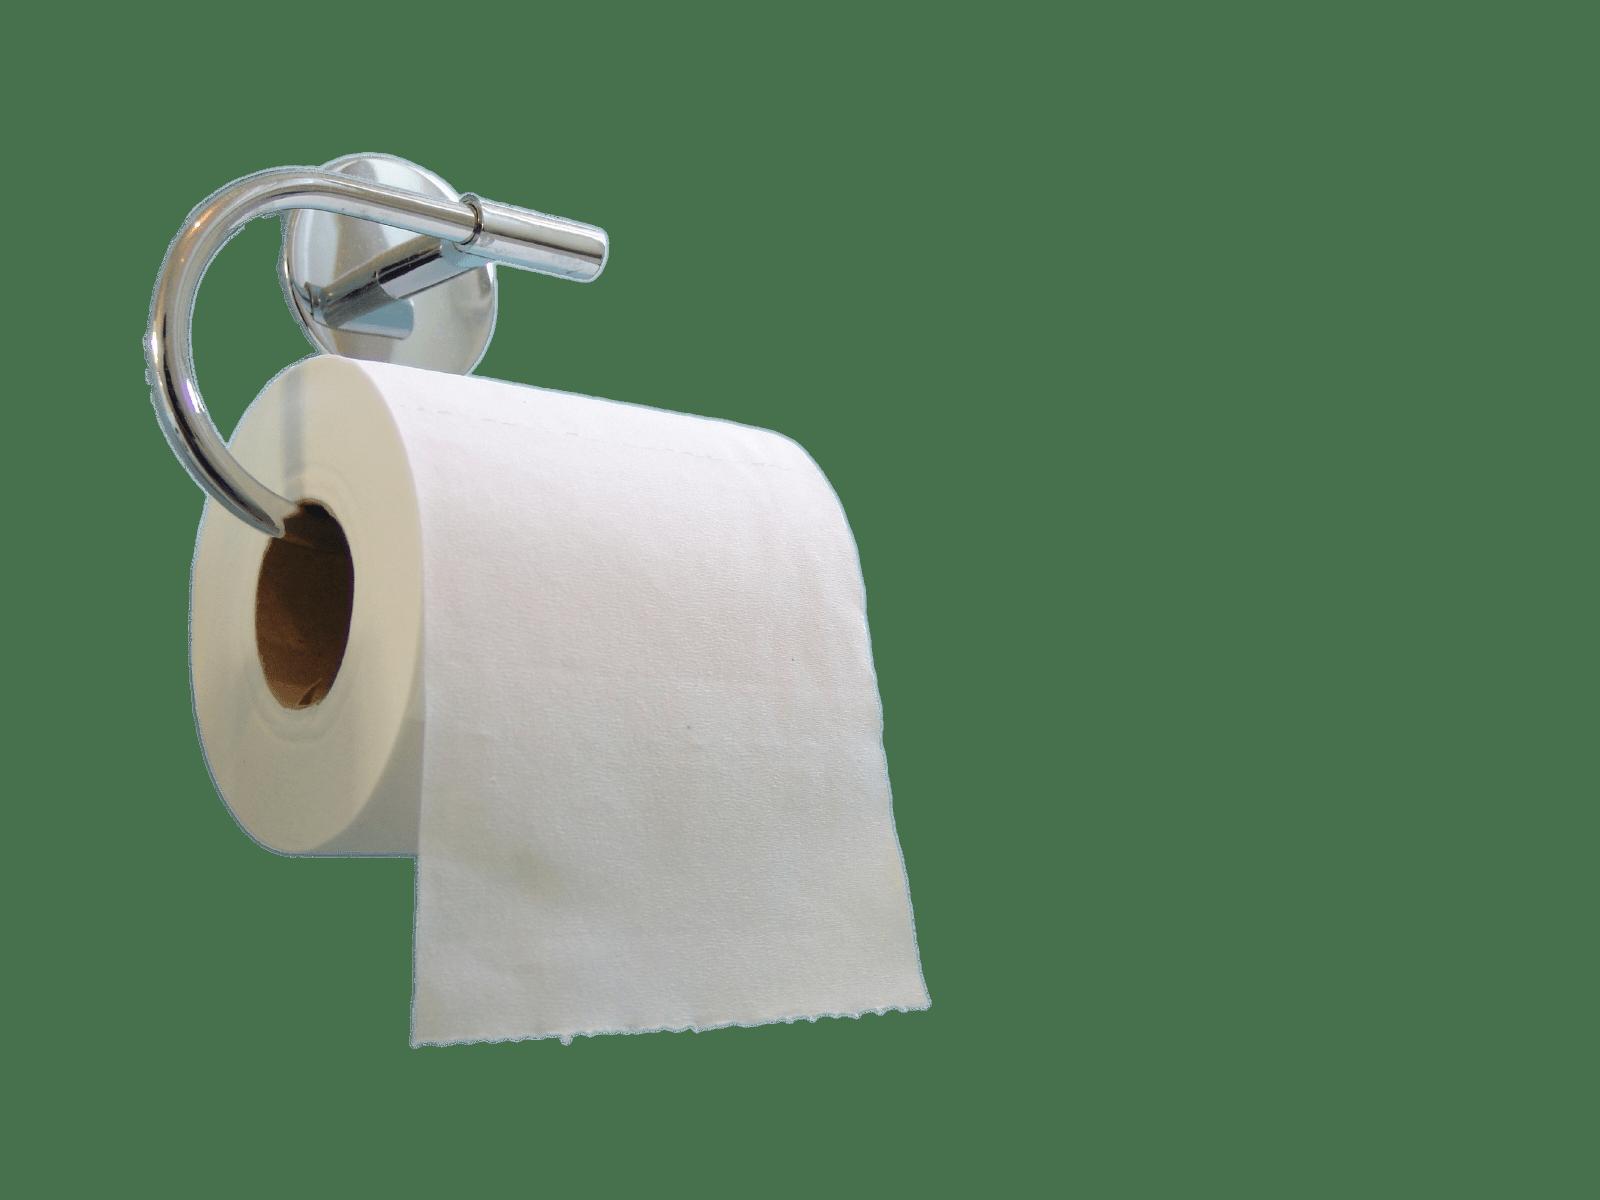 Toilet Paper on Holder transparent PNG.